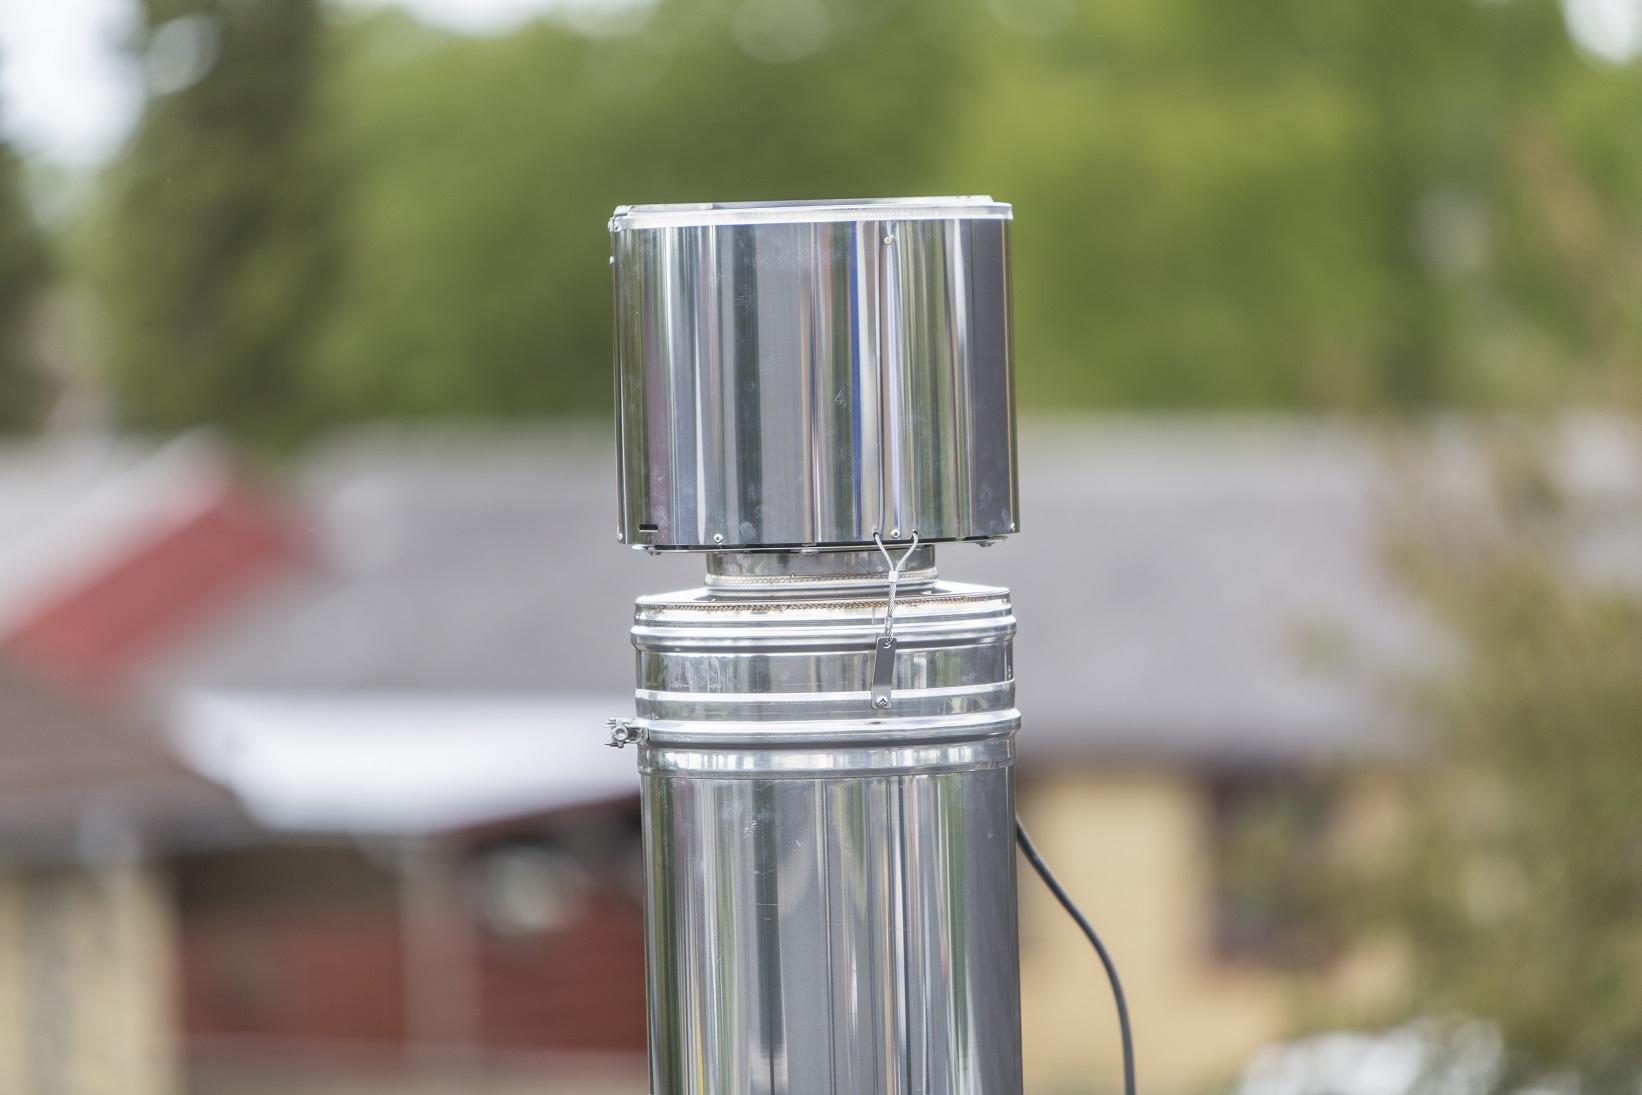 Rauchsauger Exodraft RBV1 - vertikal auswerfend